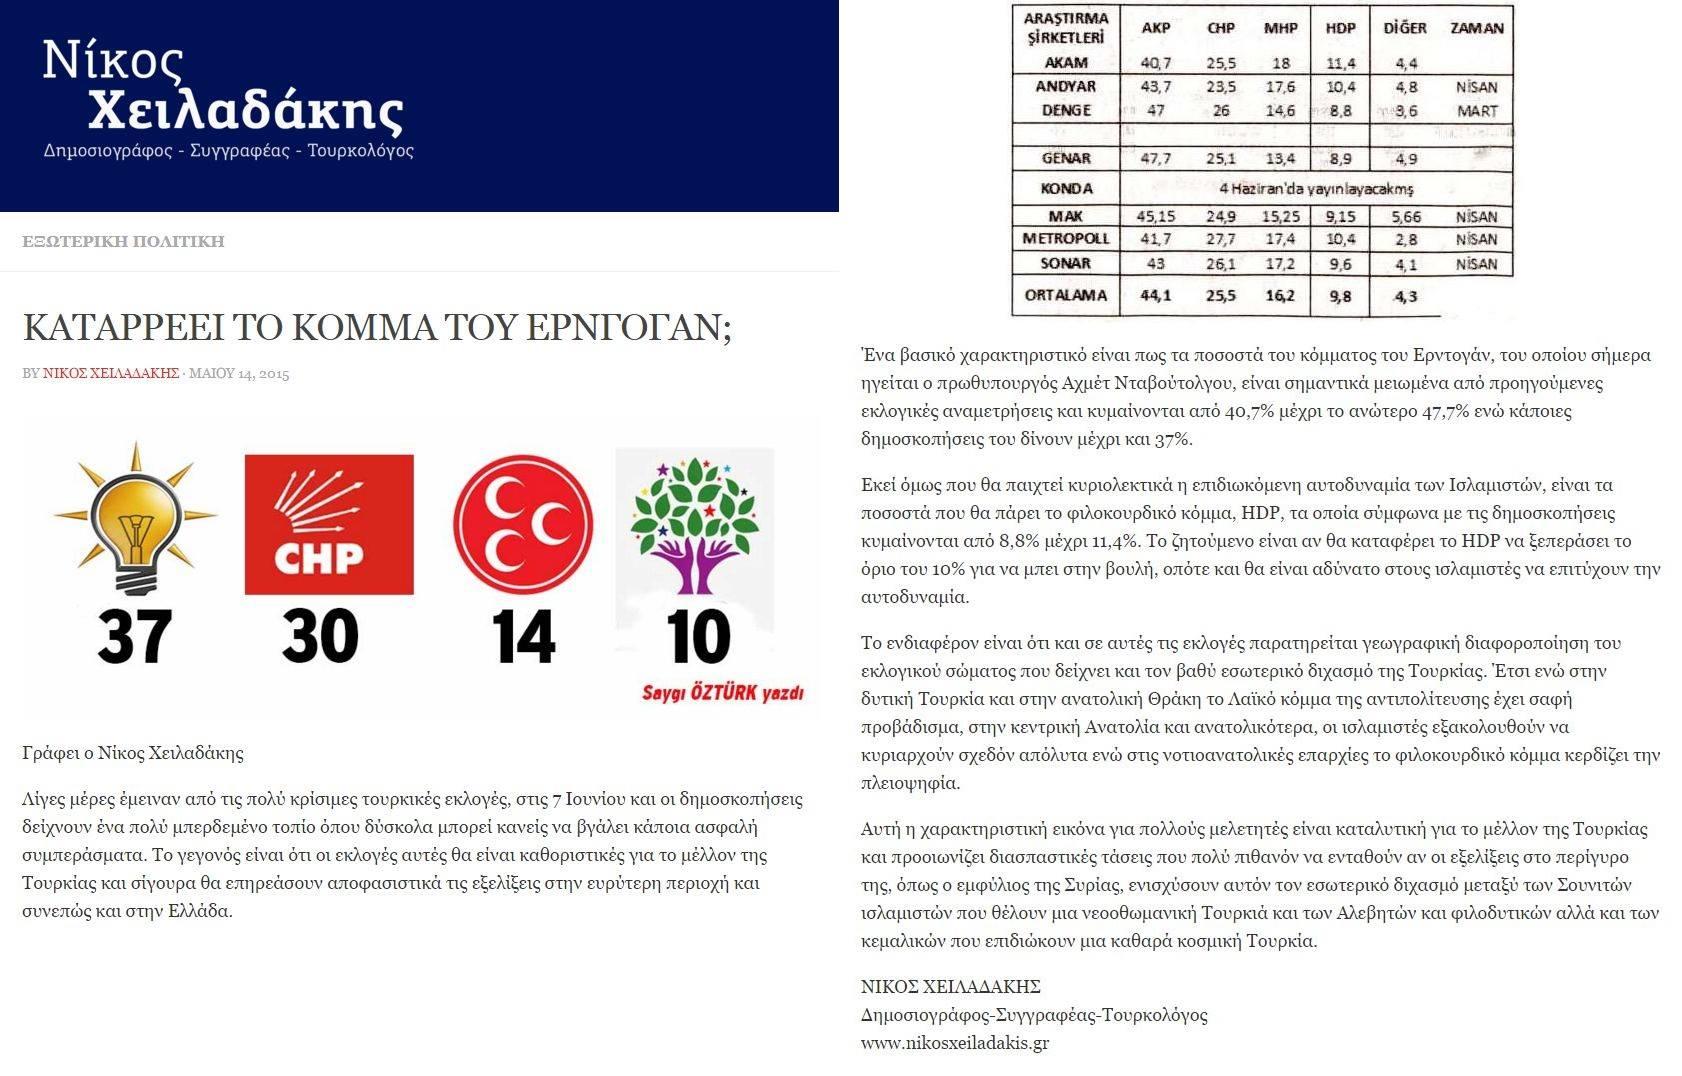 Τὸ 50% τῶν Τούρκων στηρίζει Ἐρντογάν!!!7